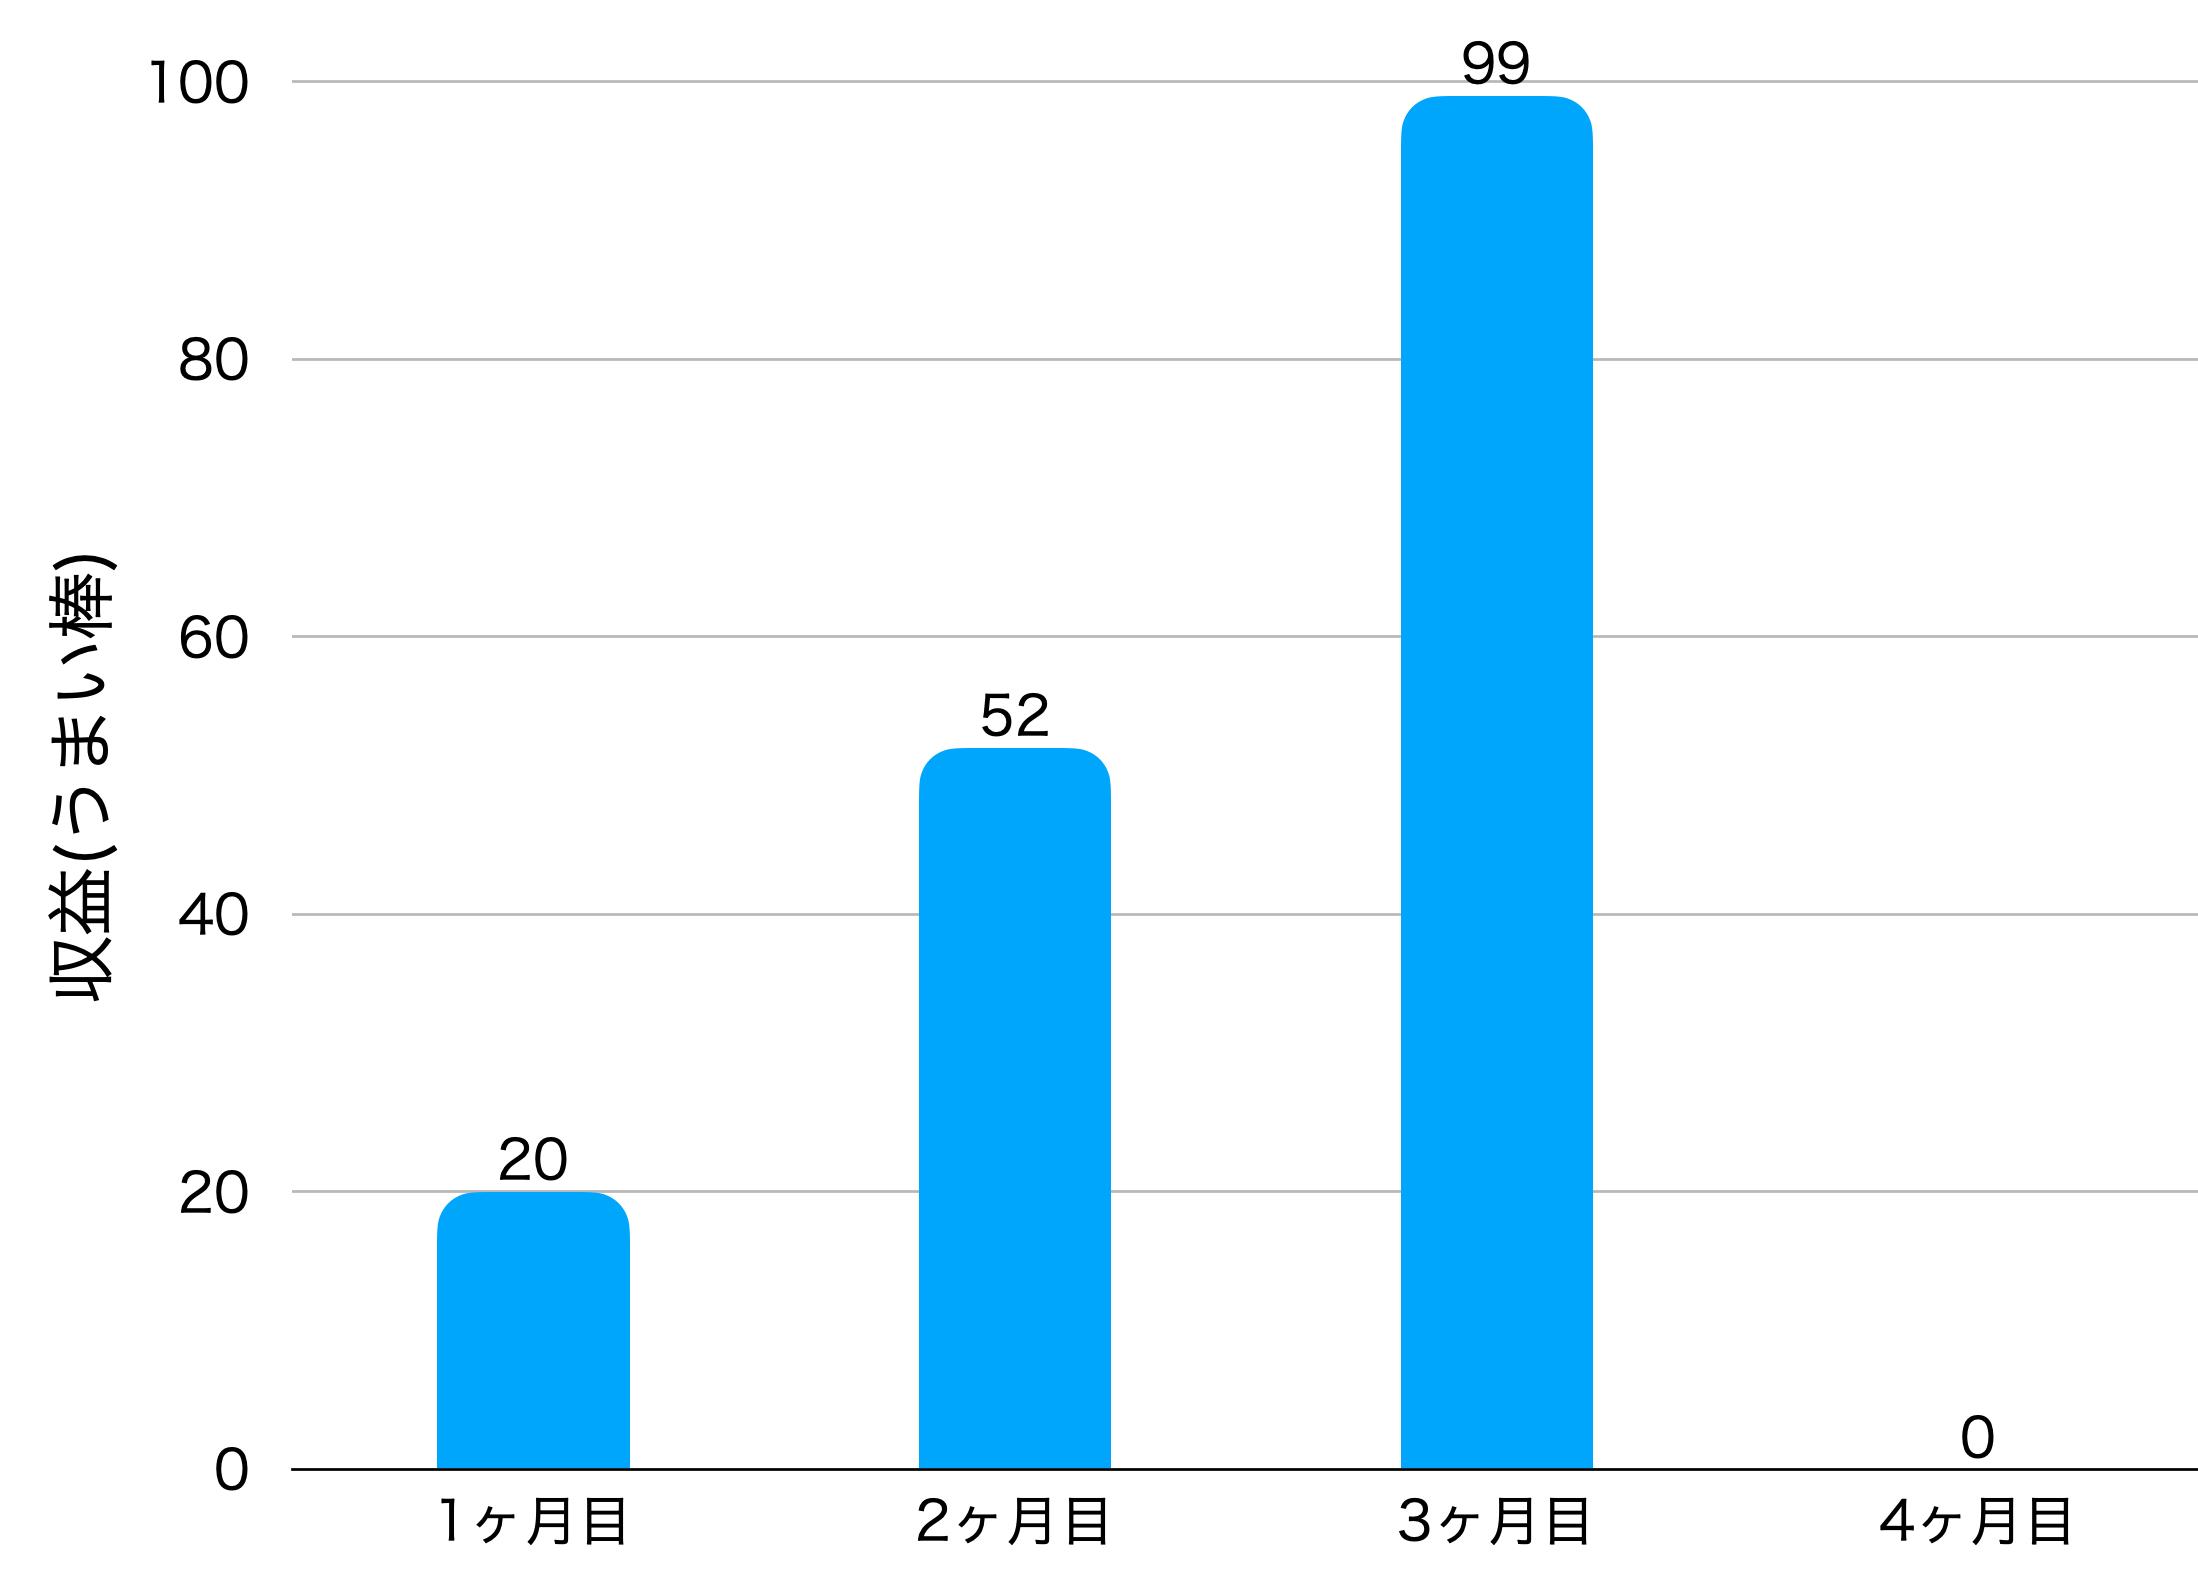 4ヶ月目の収益の画像